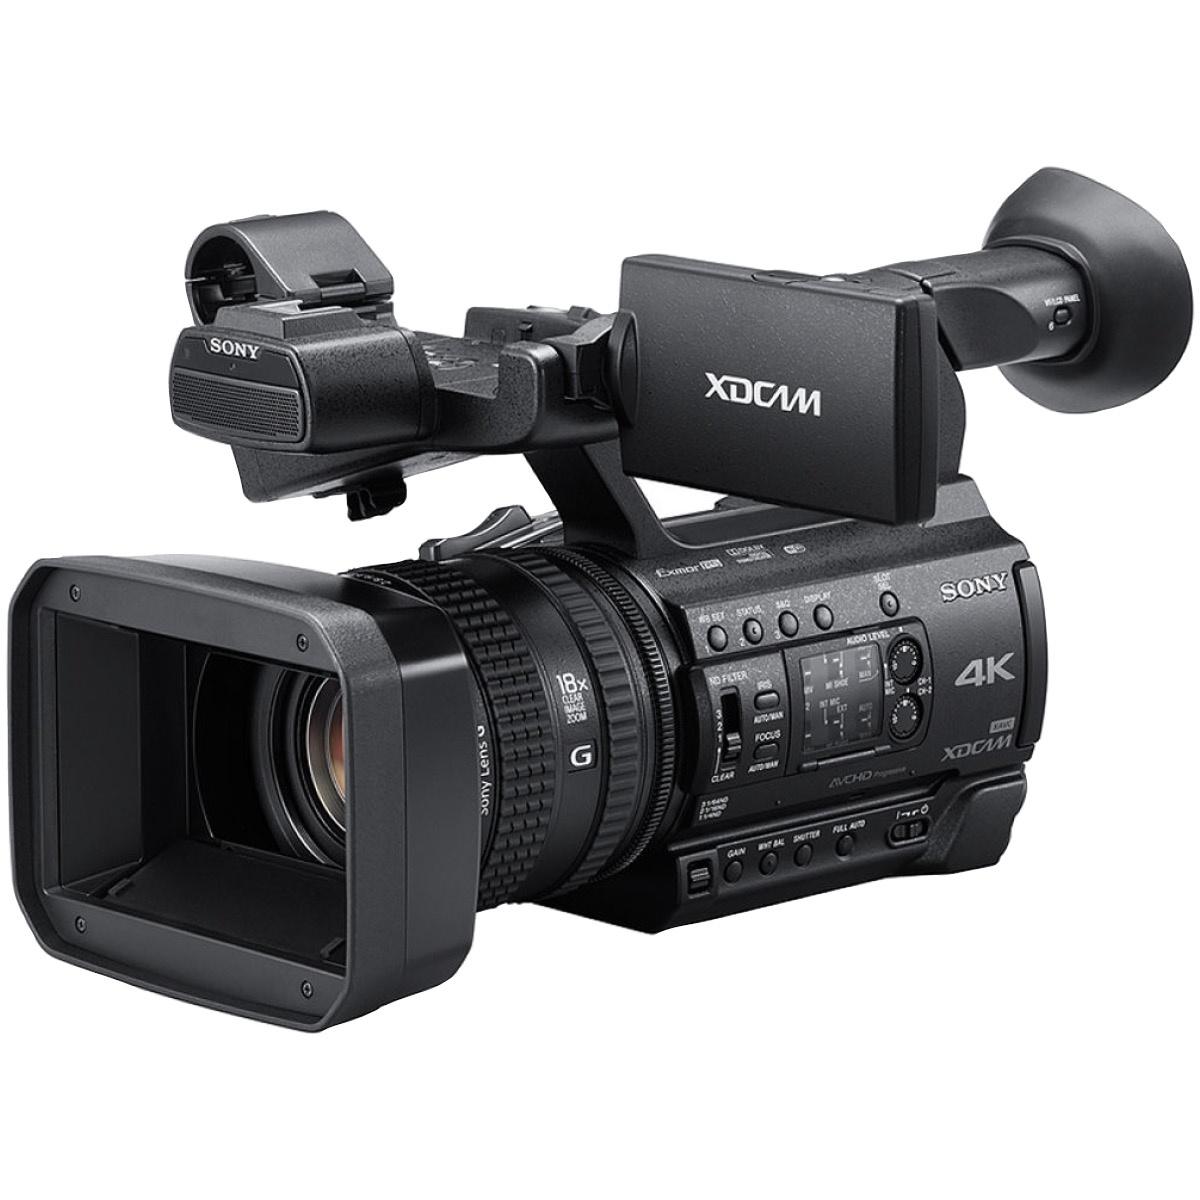 Sony PXW-Z150 XD-Camcorder